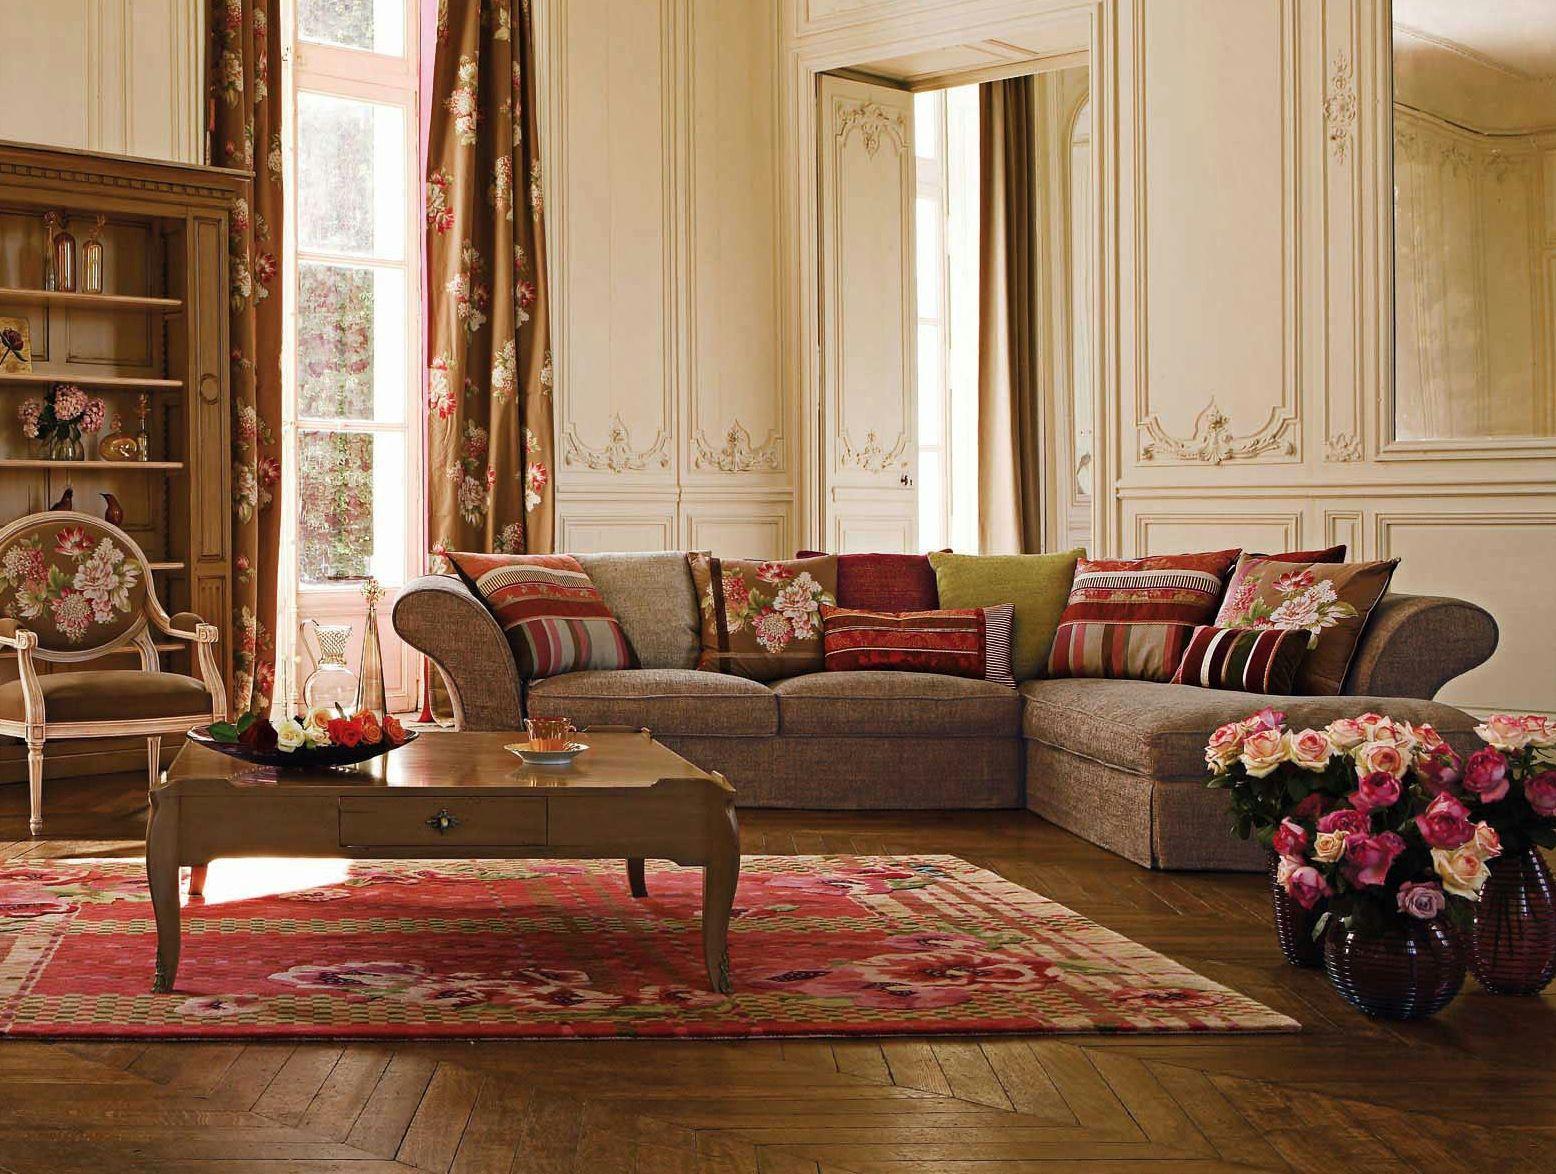 Canapé Roche Bobois Bubble Beau Galerie Roche Et Bobois Canapes Belle Maison Design Tarzx